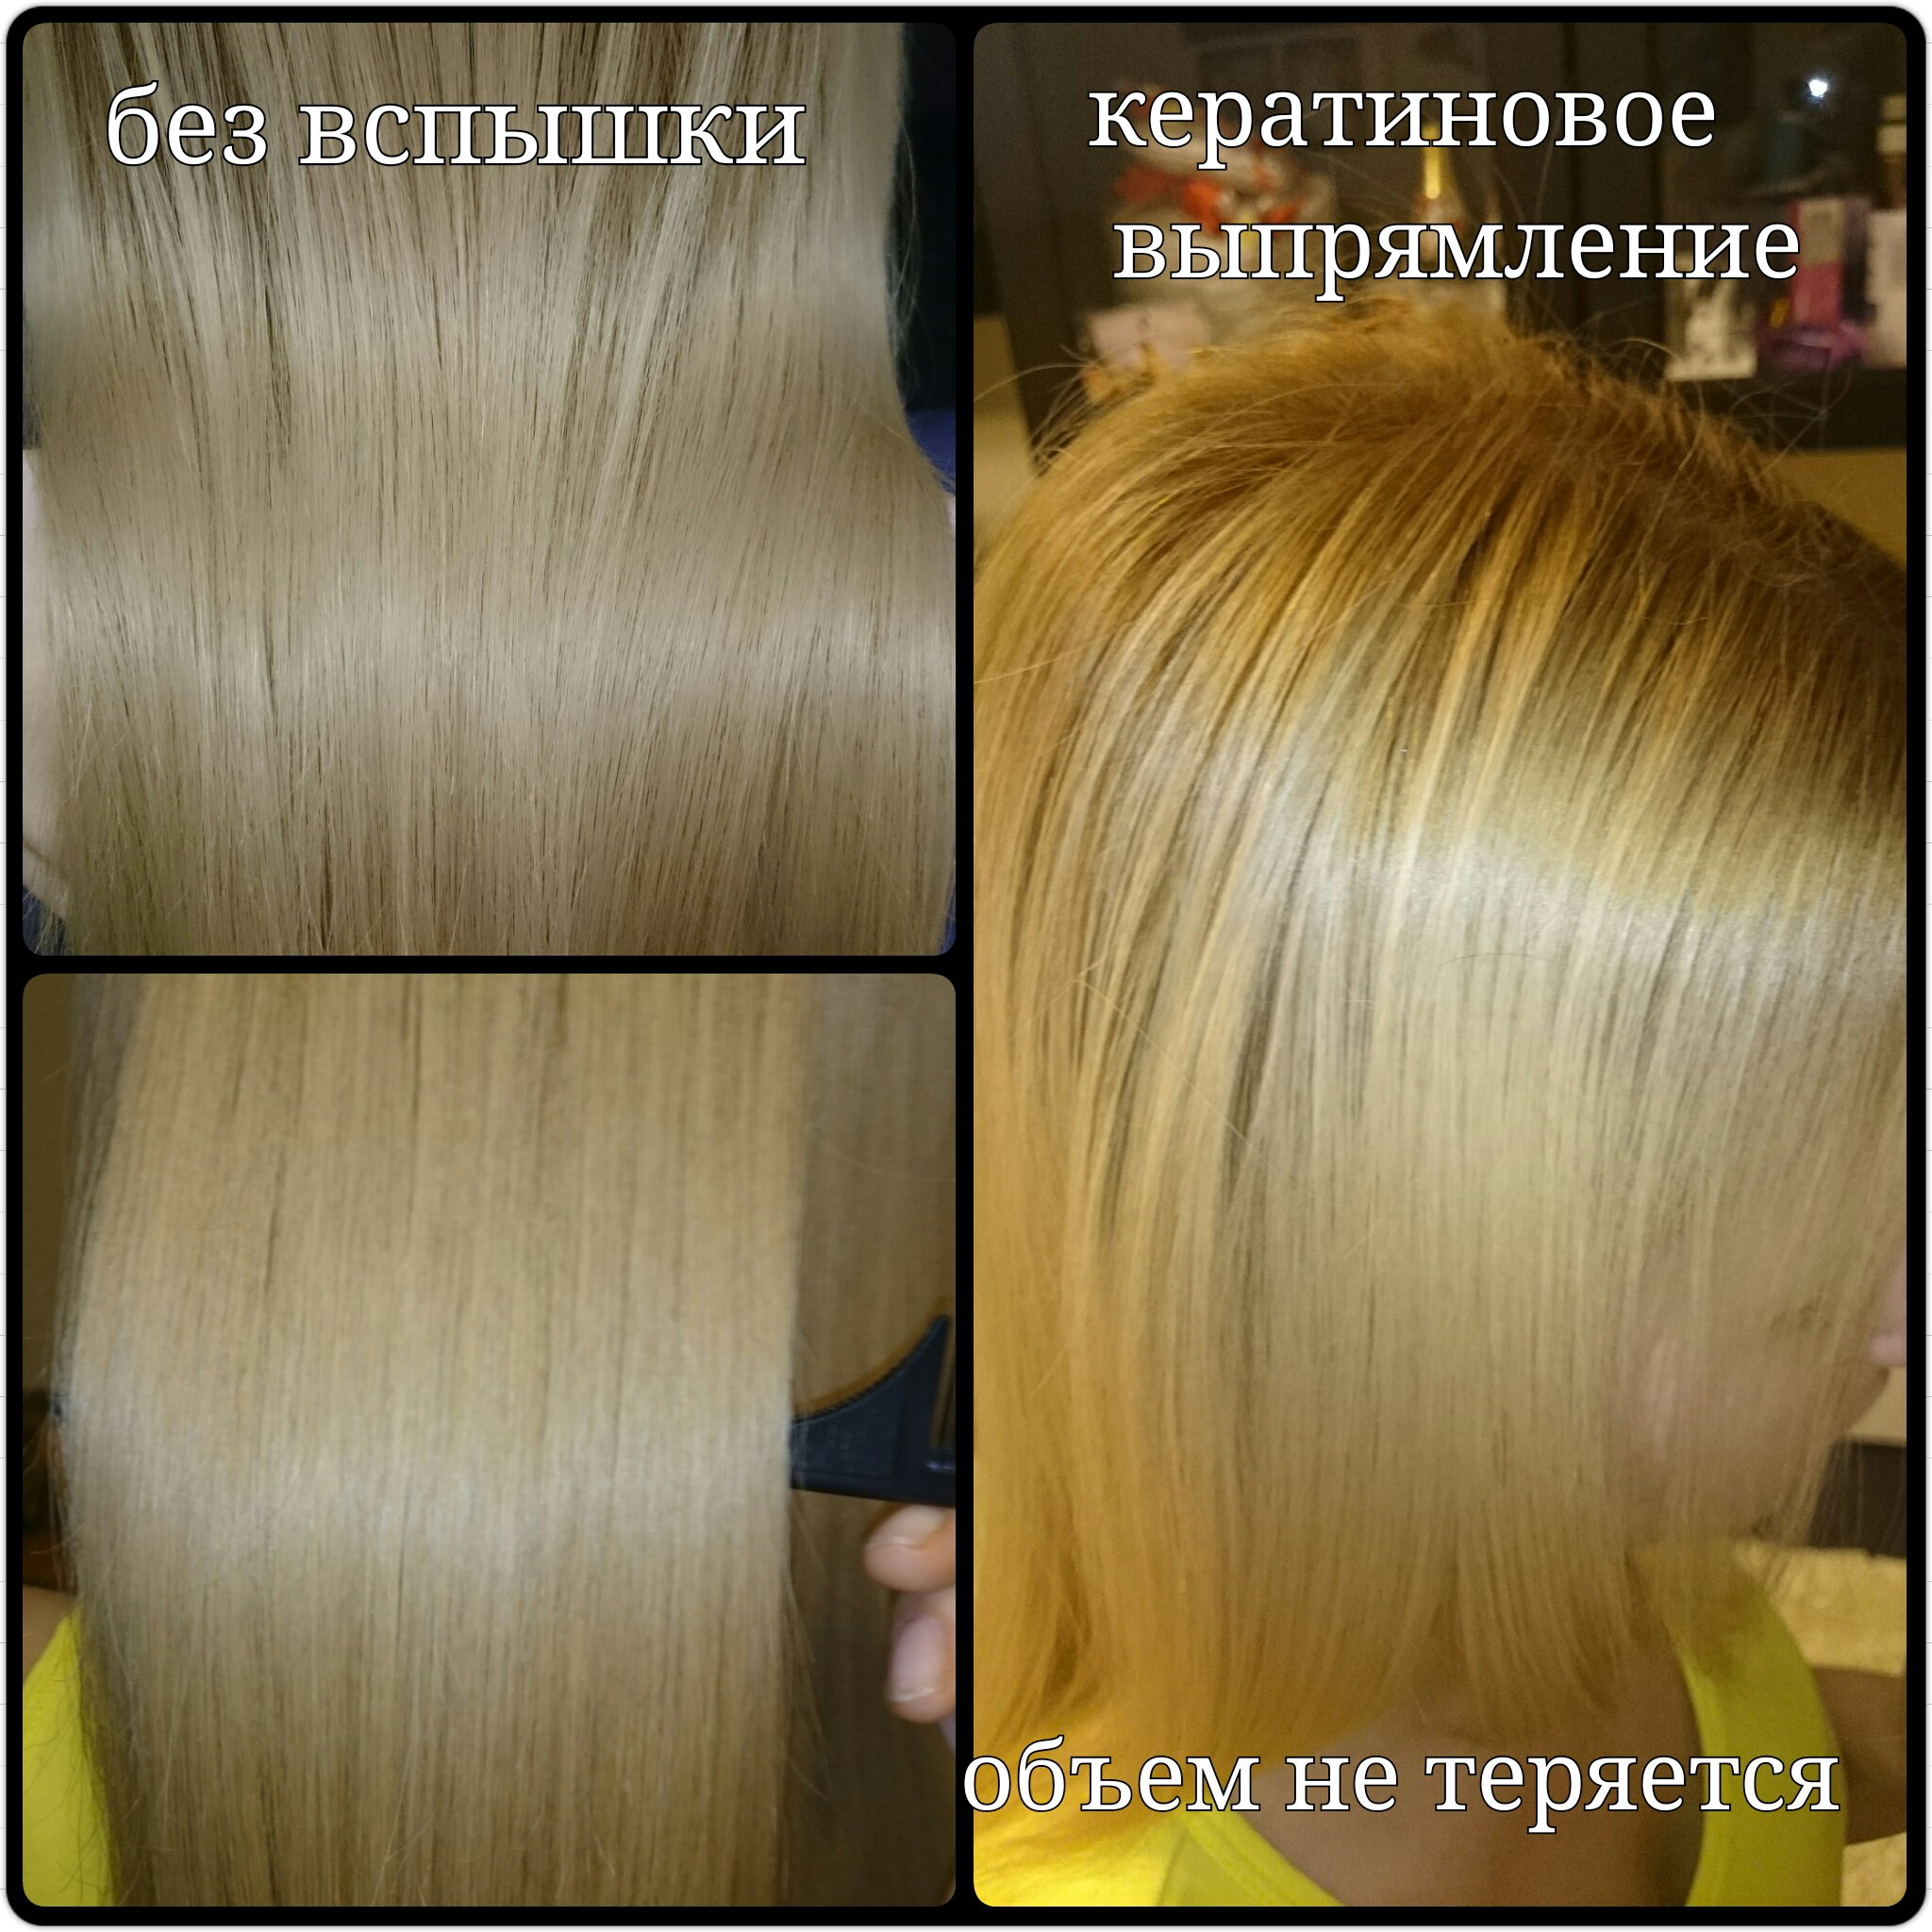 Кератиновое выпрямление, ботокс,полировка  волос. Прикорневой объем. Окрашивания.  - Страница 21 XnU2VNXwlQY